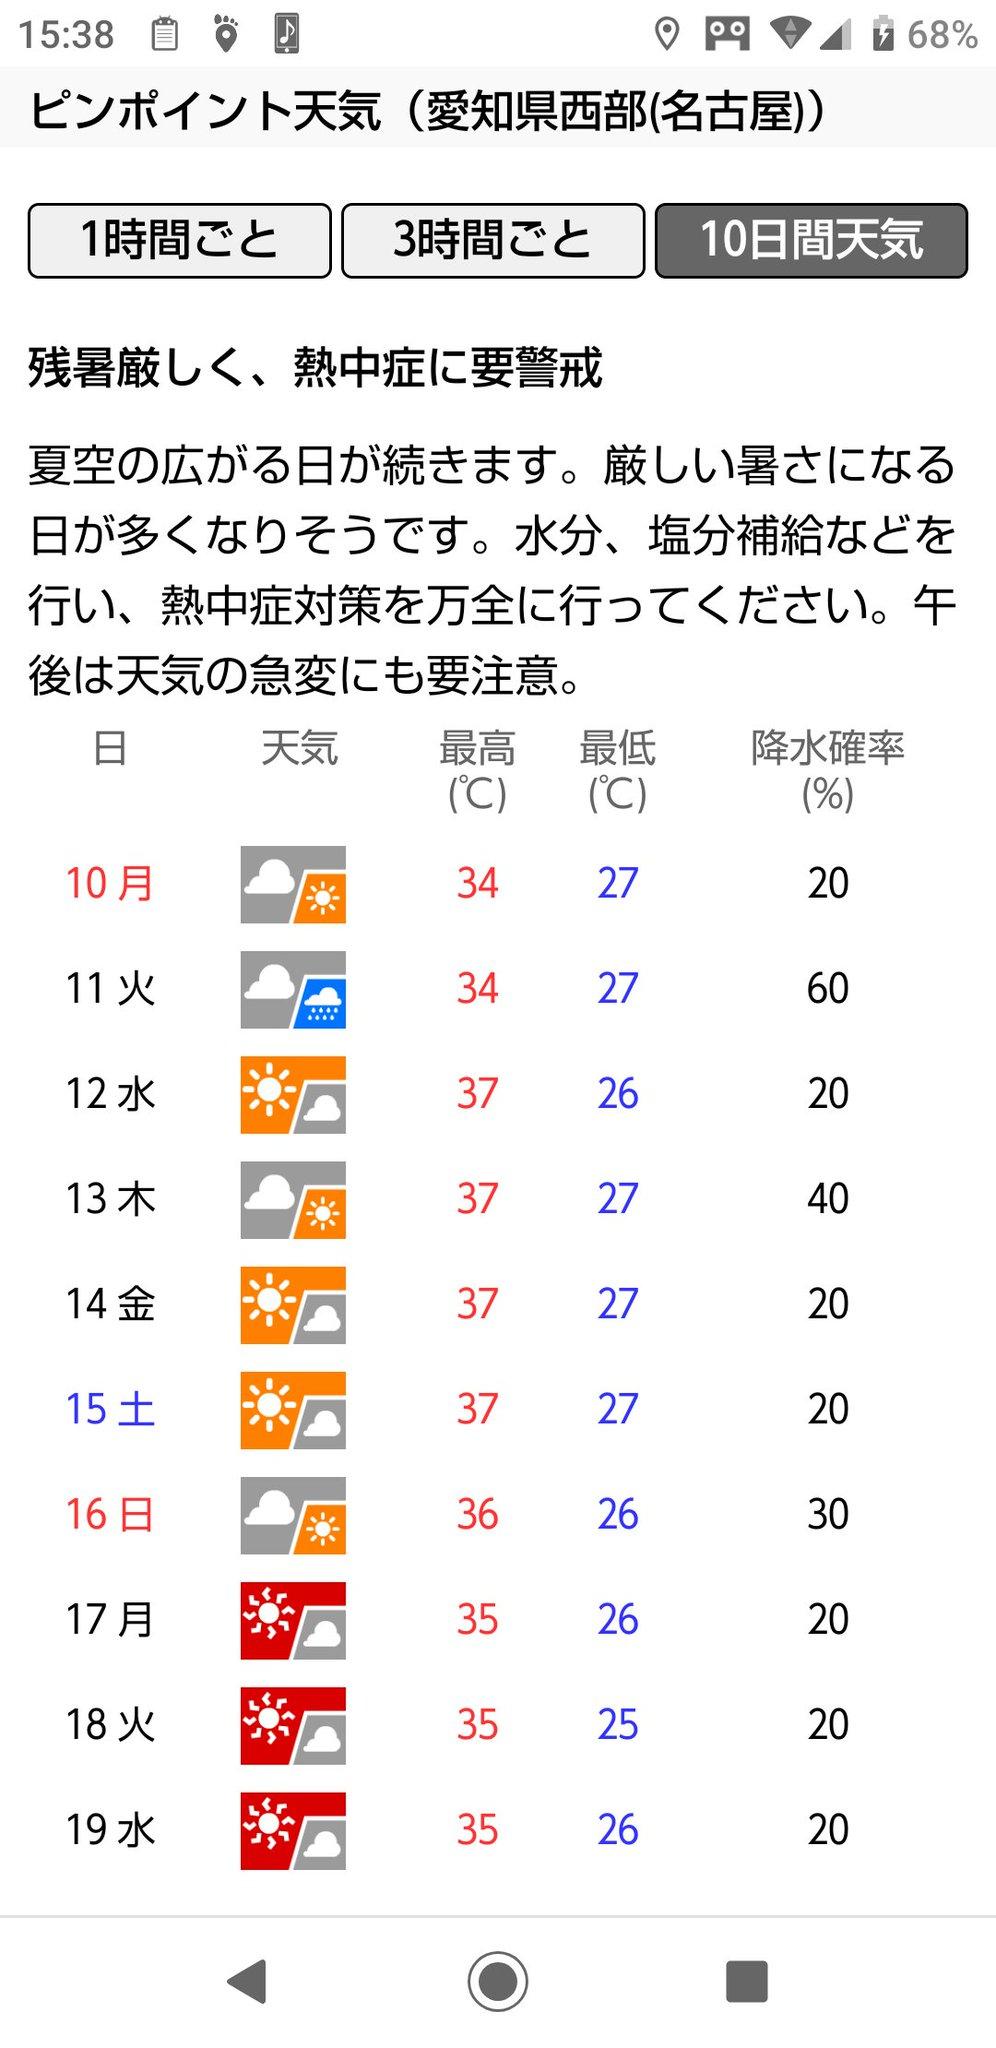 名古屋 天気 ピン ポイント